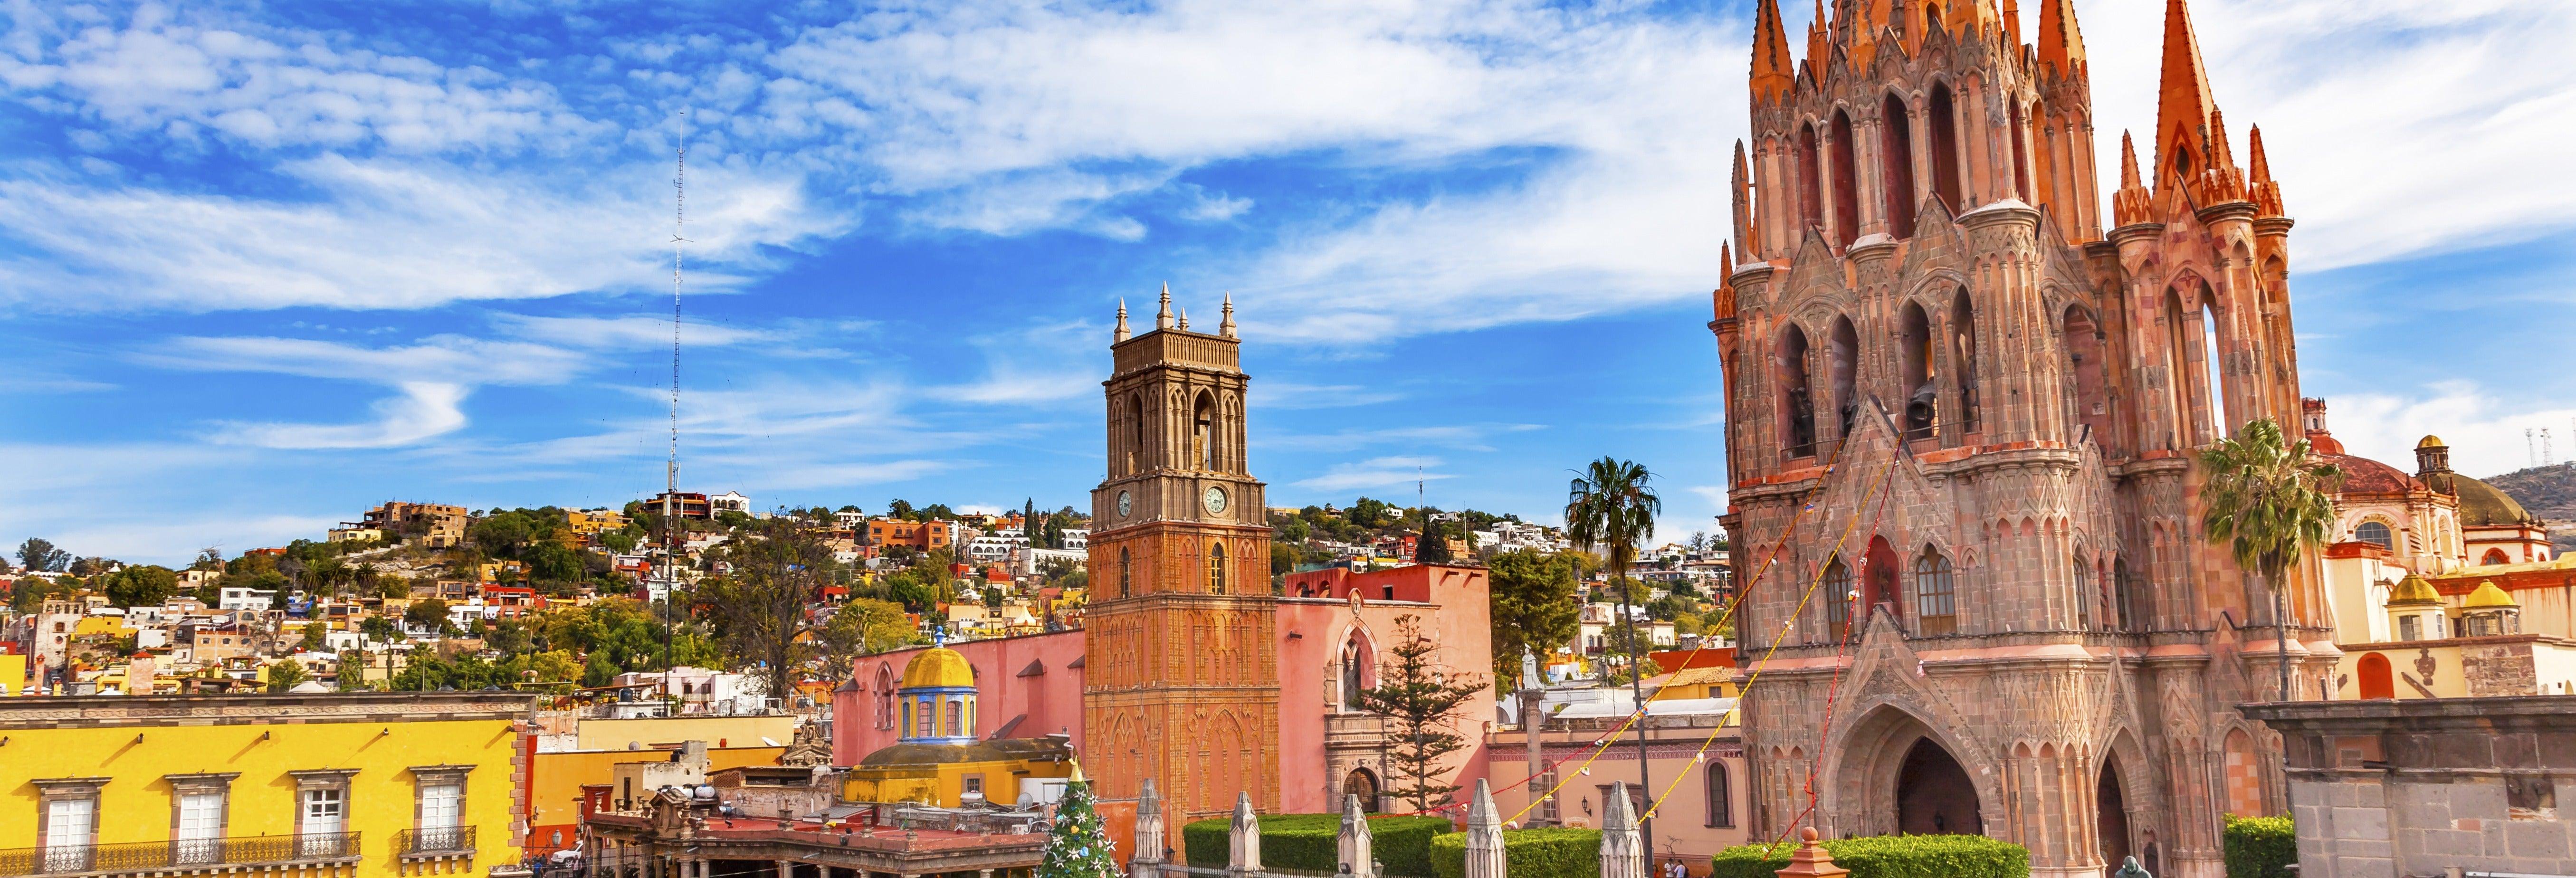 Excursão a San Miguel de Allende